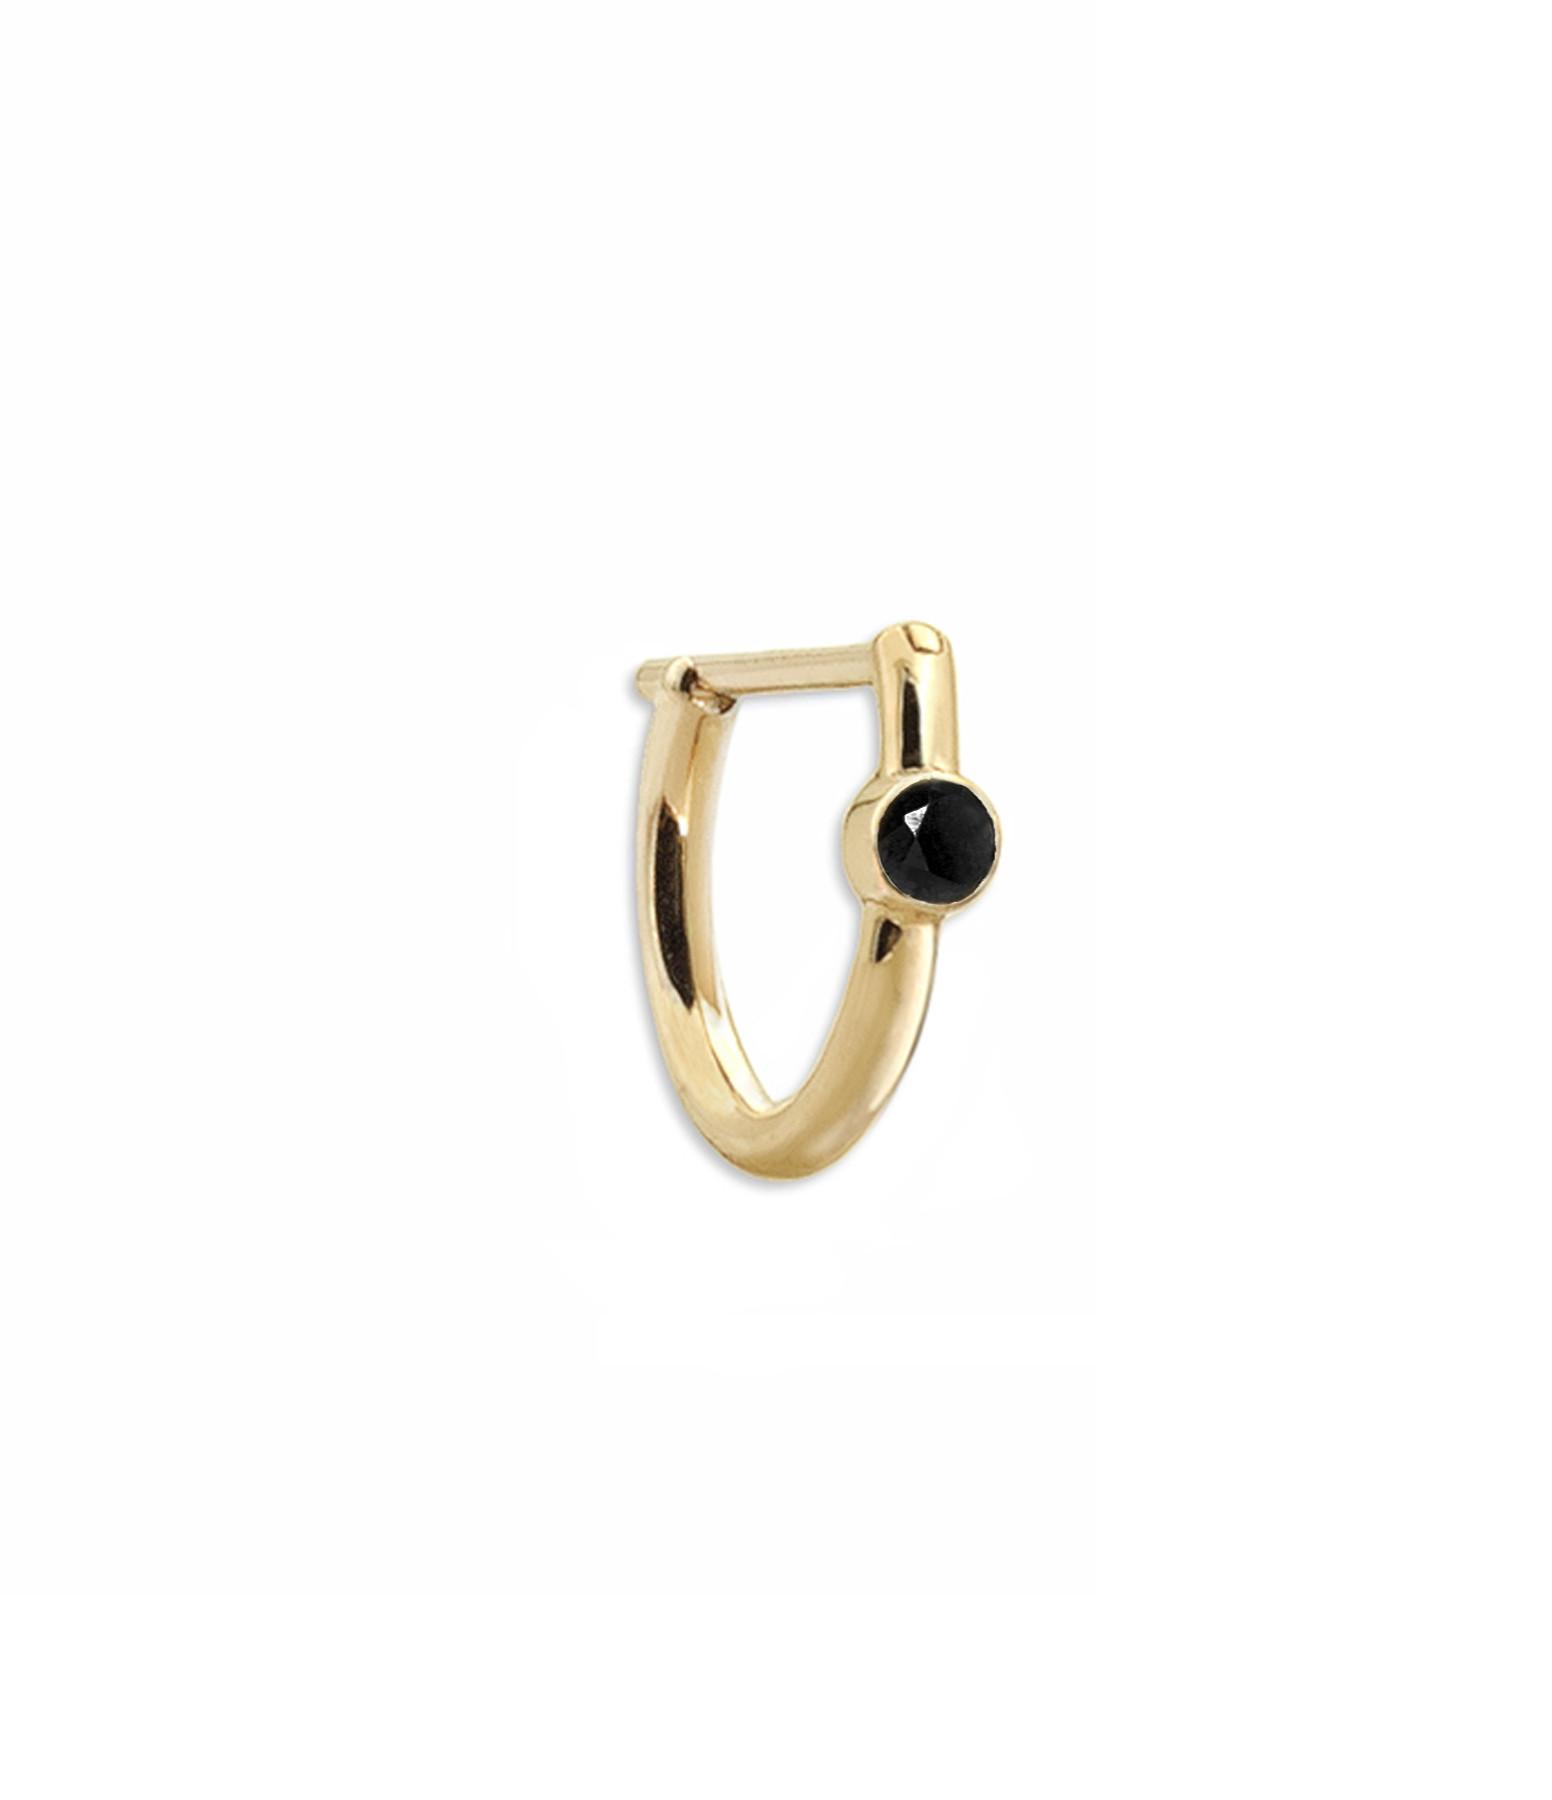 YANNIS SERGAKIS - Créole New Hoop Or Diamant Noir (vendue à l'unité)